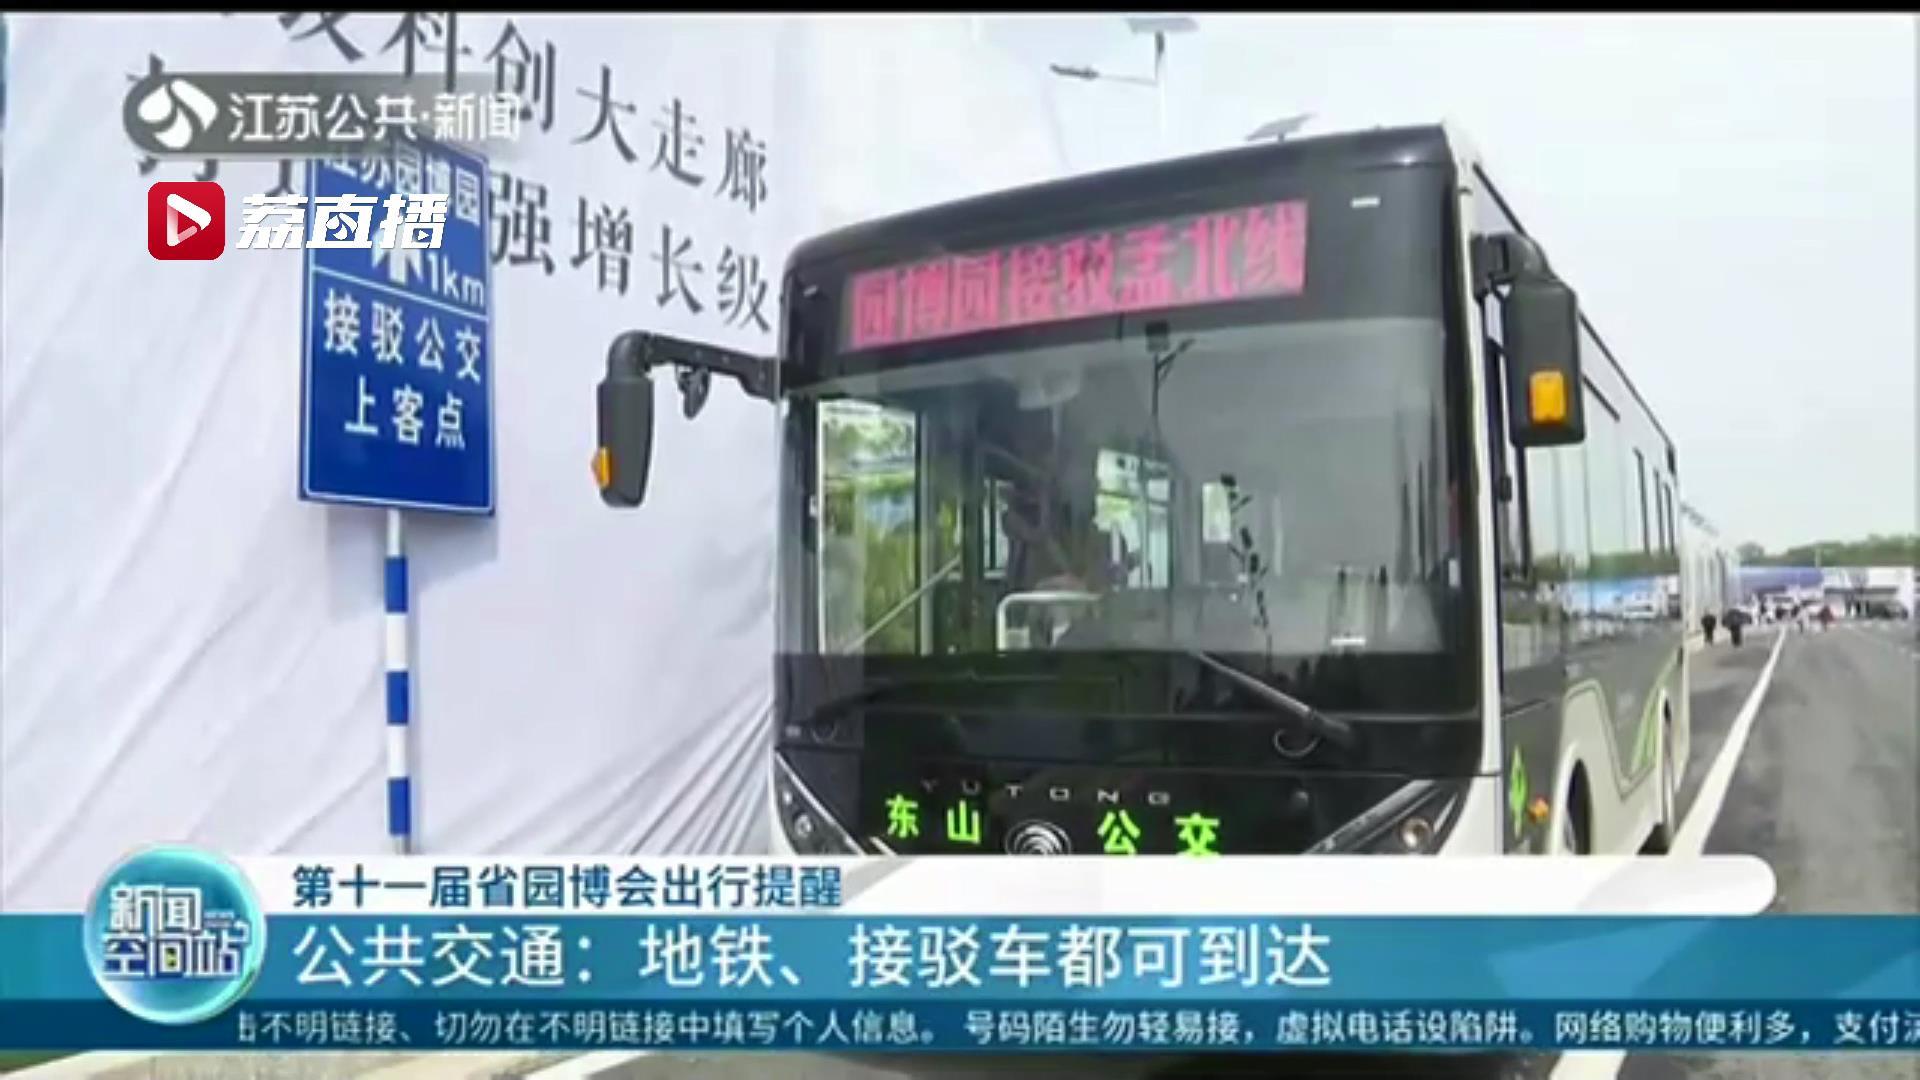 第十一届江苏省园博会4月16日开幕!南京交警发布出行提醒